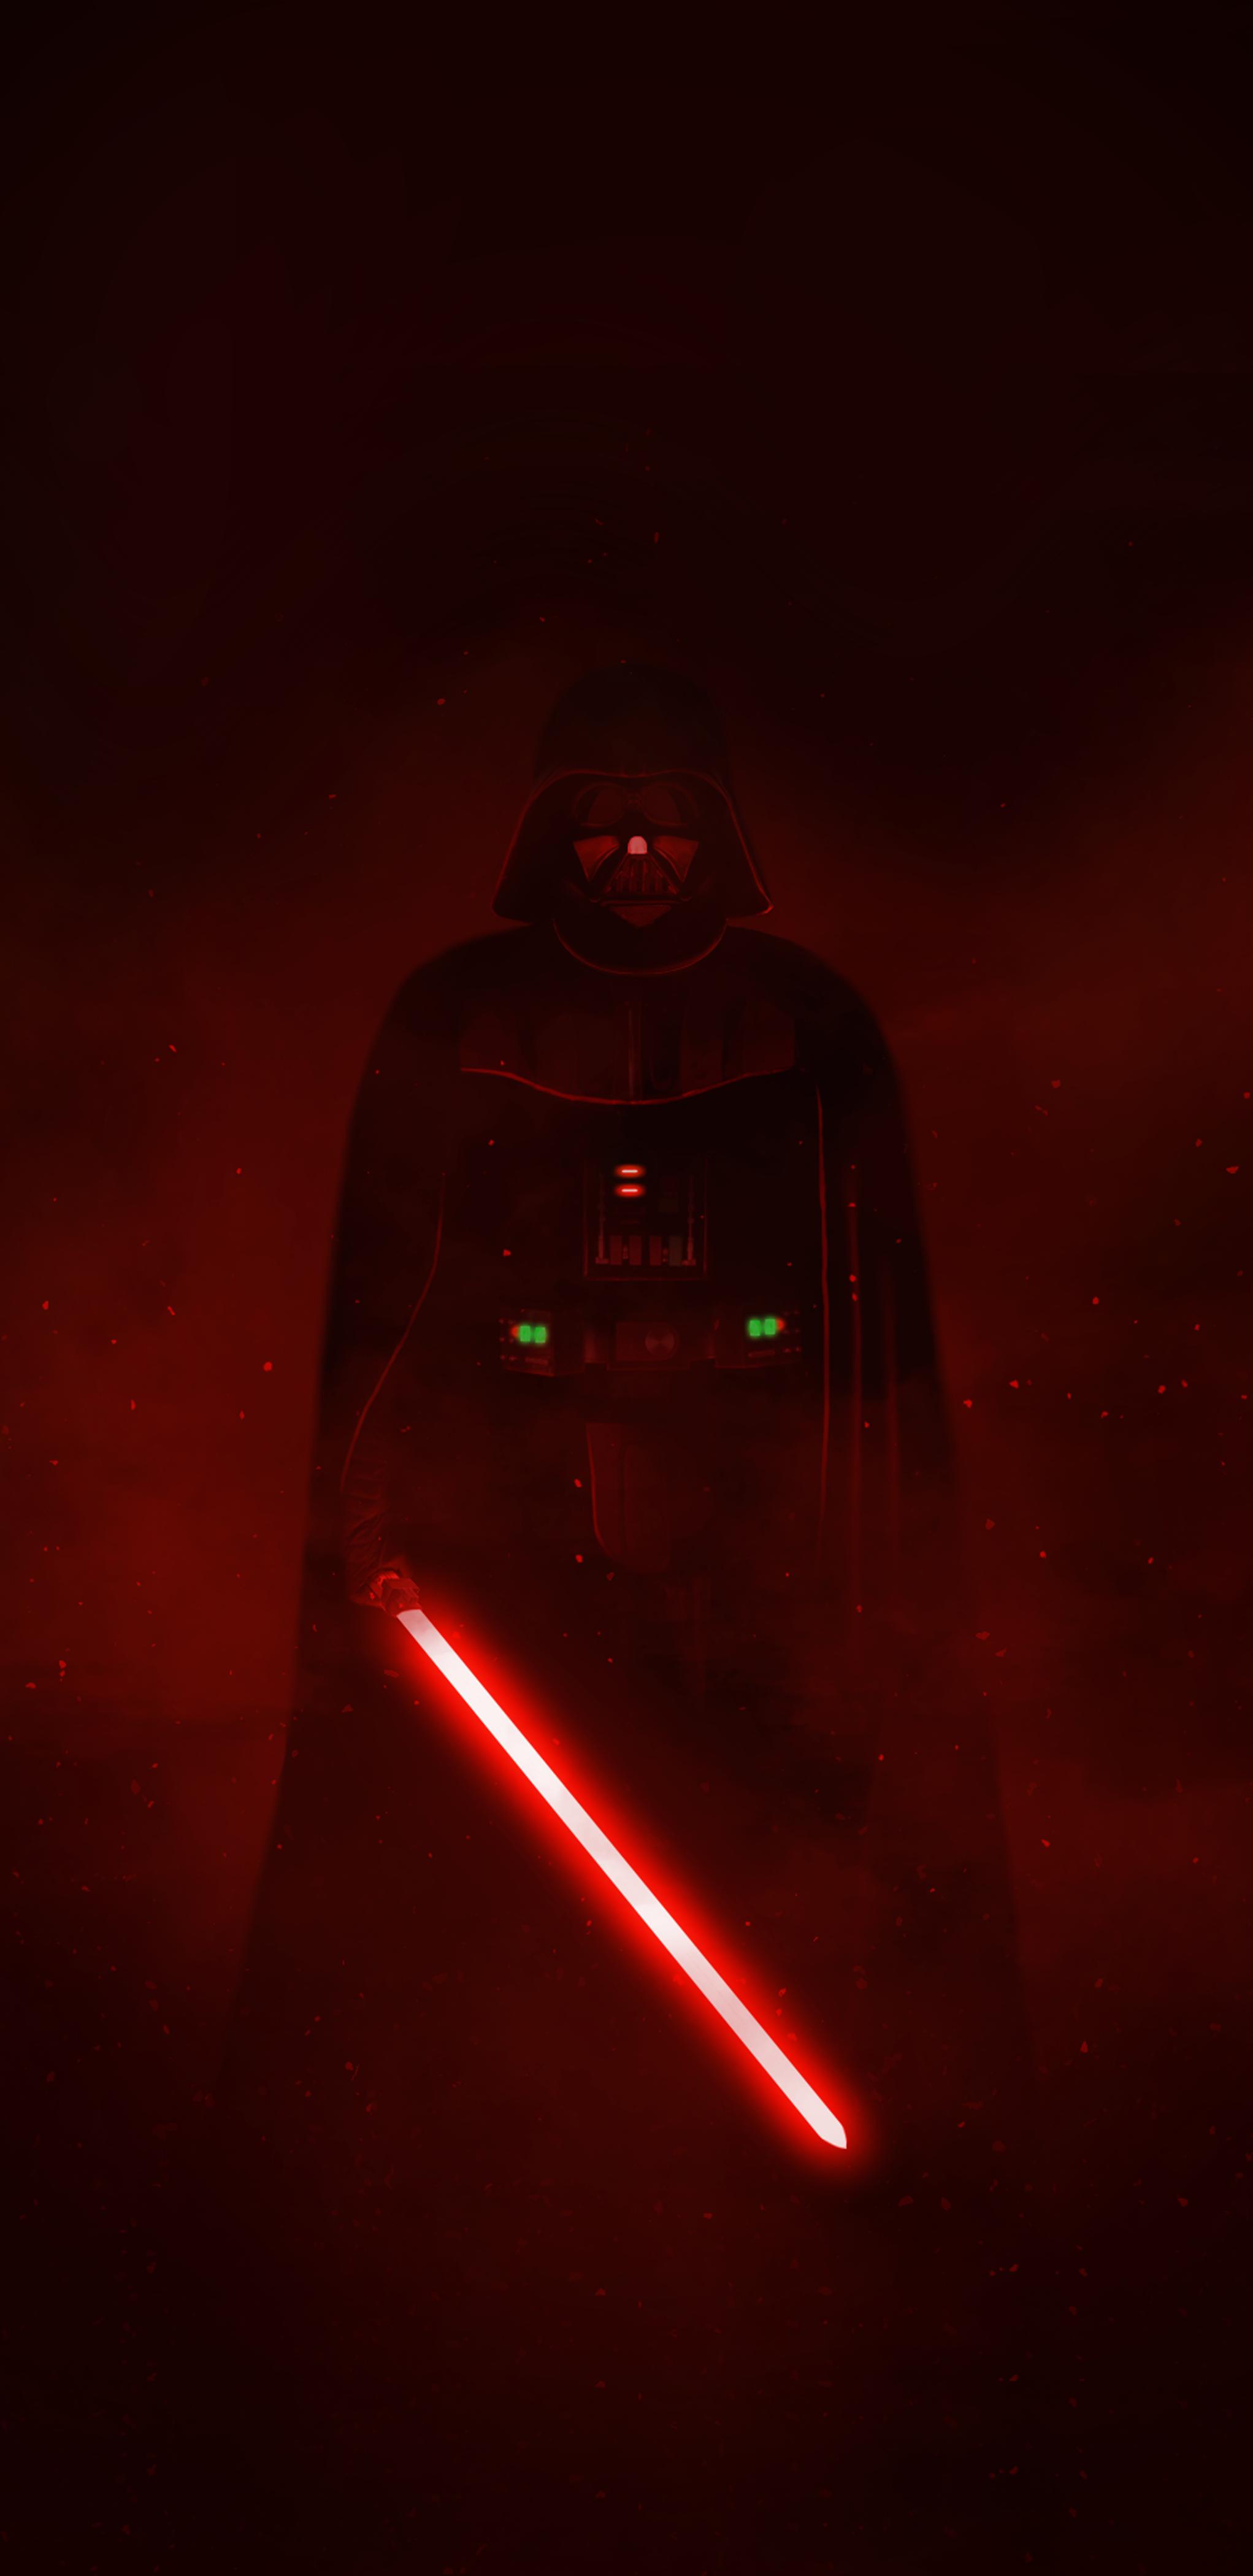 Darth Vader Rogue One Darth Vader Pinterest Vader Star Wars